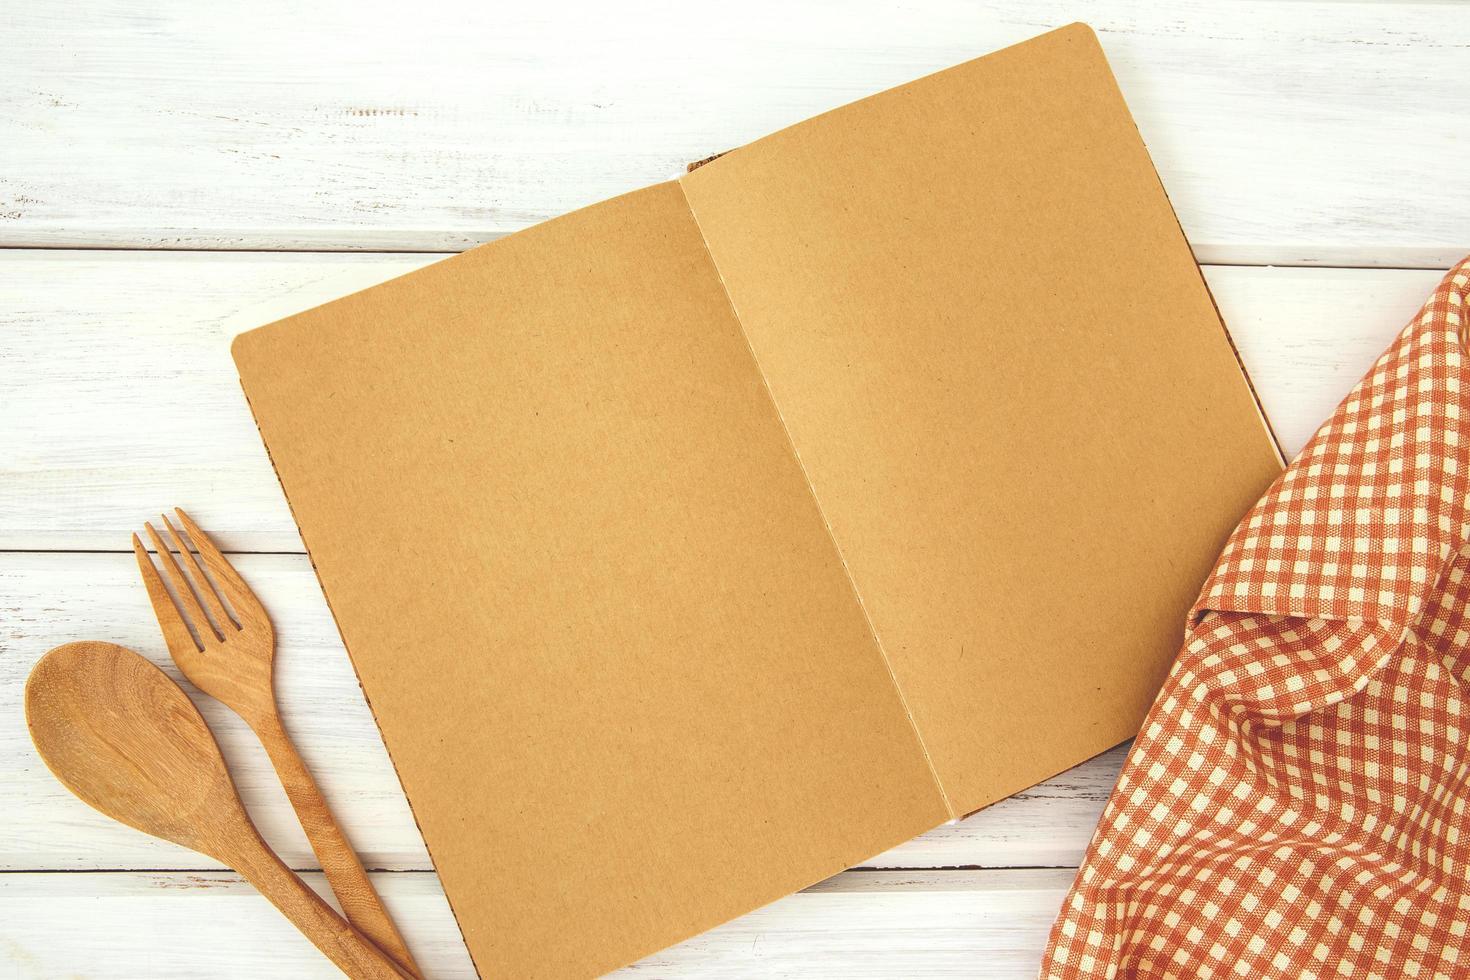 Rezeptbuch Modell auf weißem Holztisch foto